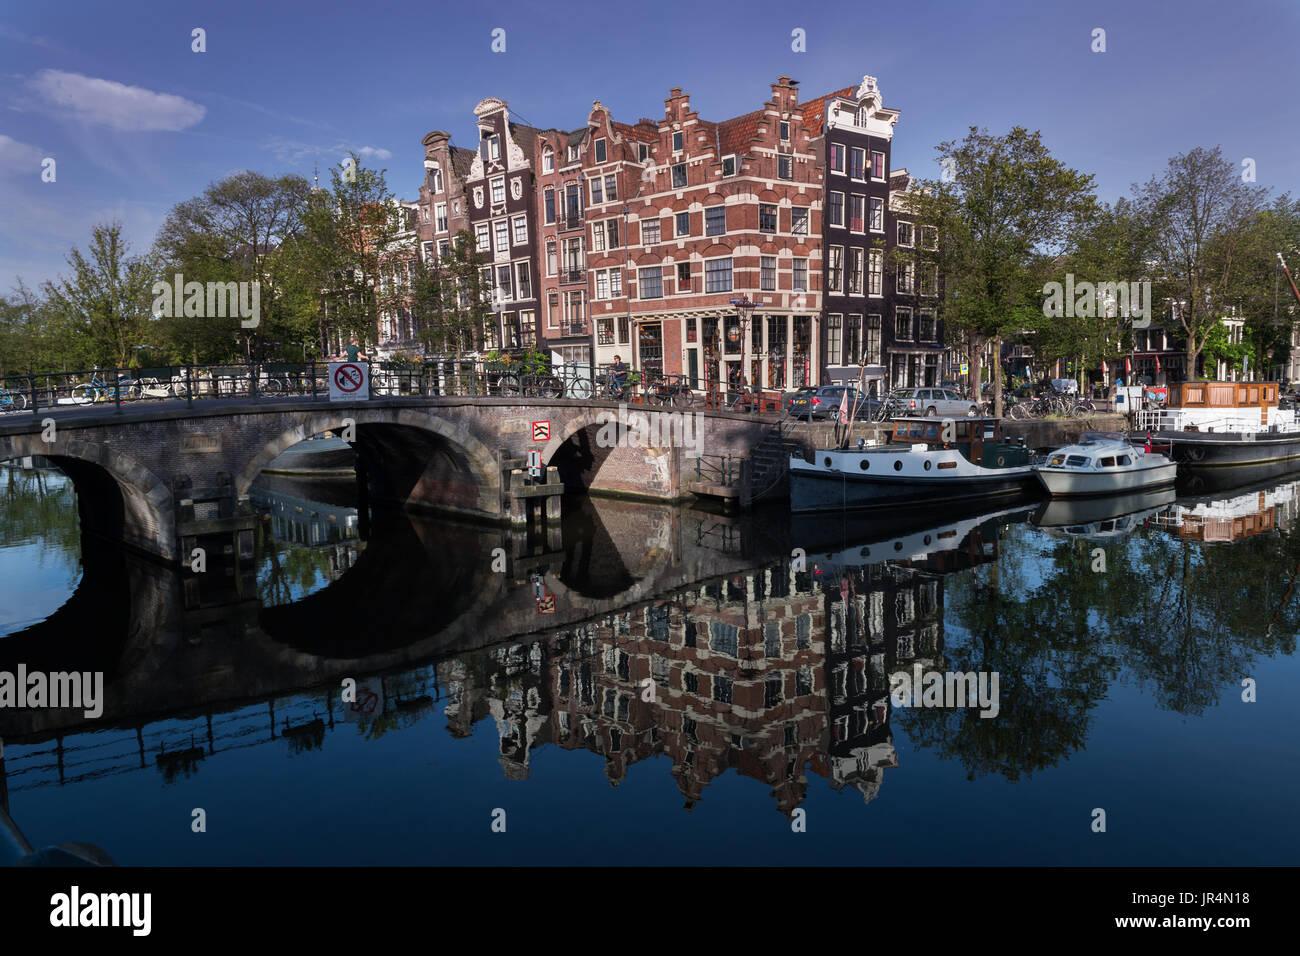 Licht Tour Amsterdam : Krummen häuser und reflexionen im licht frühen morgens den kanal